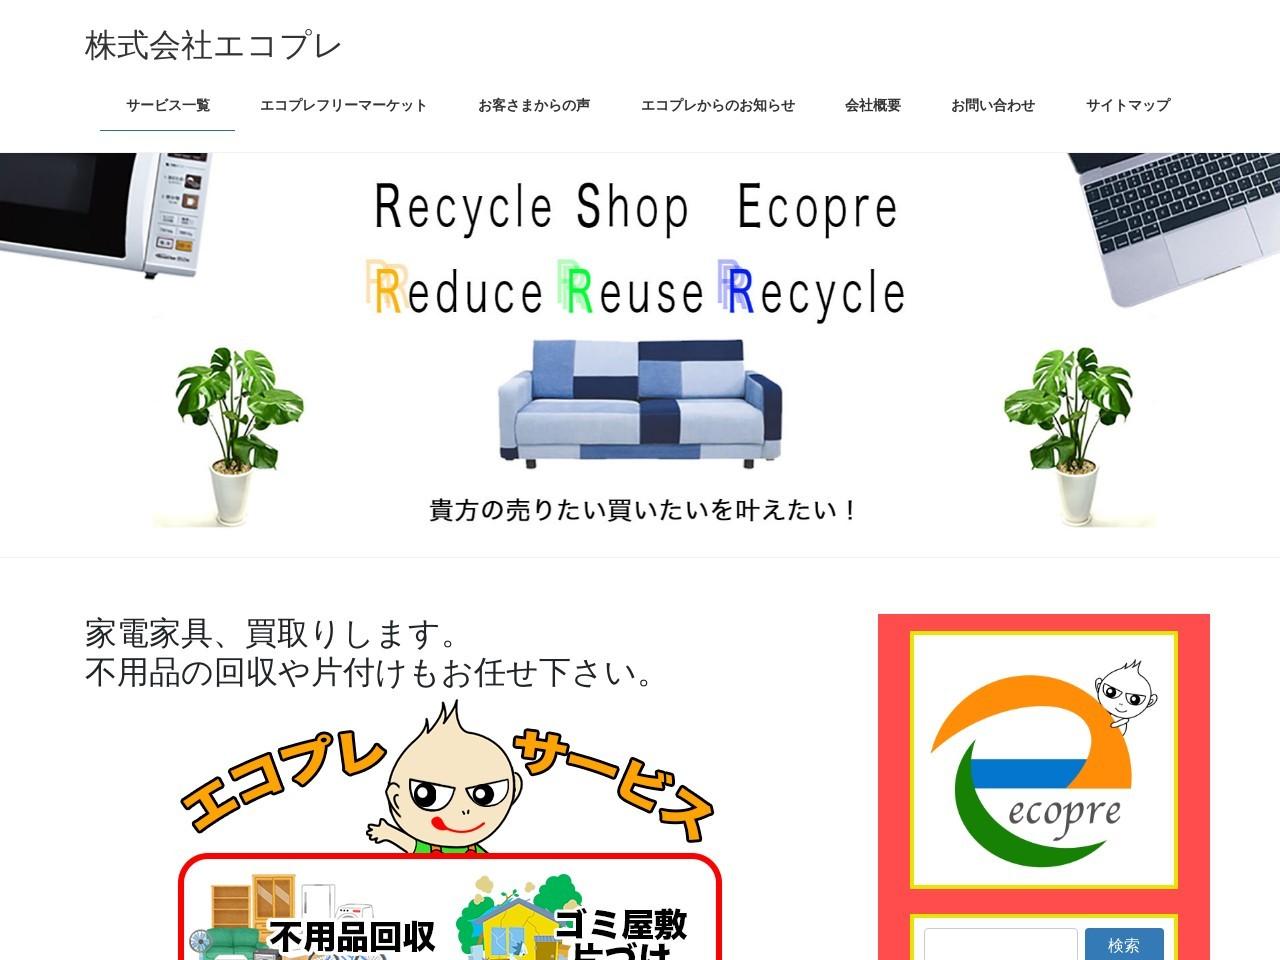 岐阜・一宮でのリサイクル、家電・家具買取、不用品回収、ゴミ屋敷などの片付けなら【リサイクル・エコプレ】